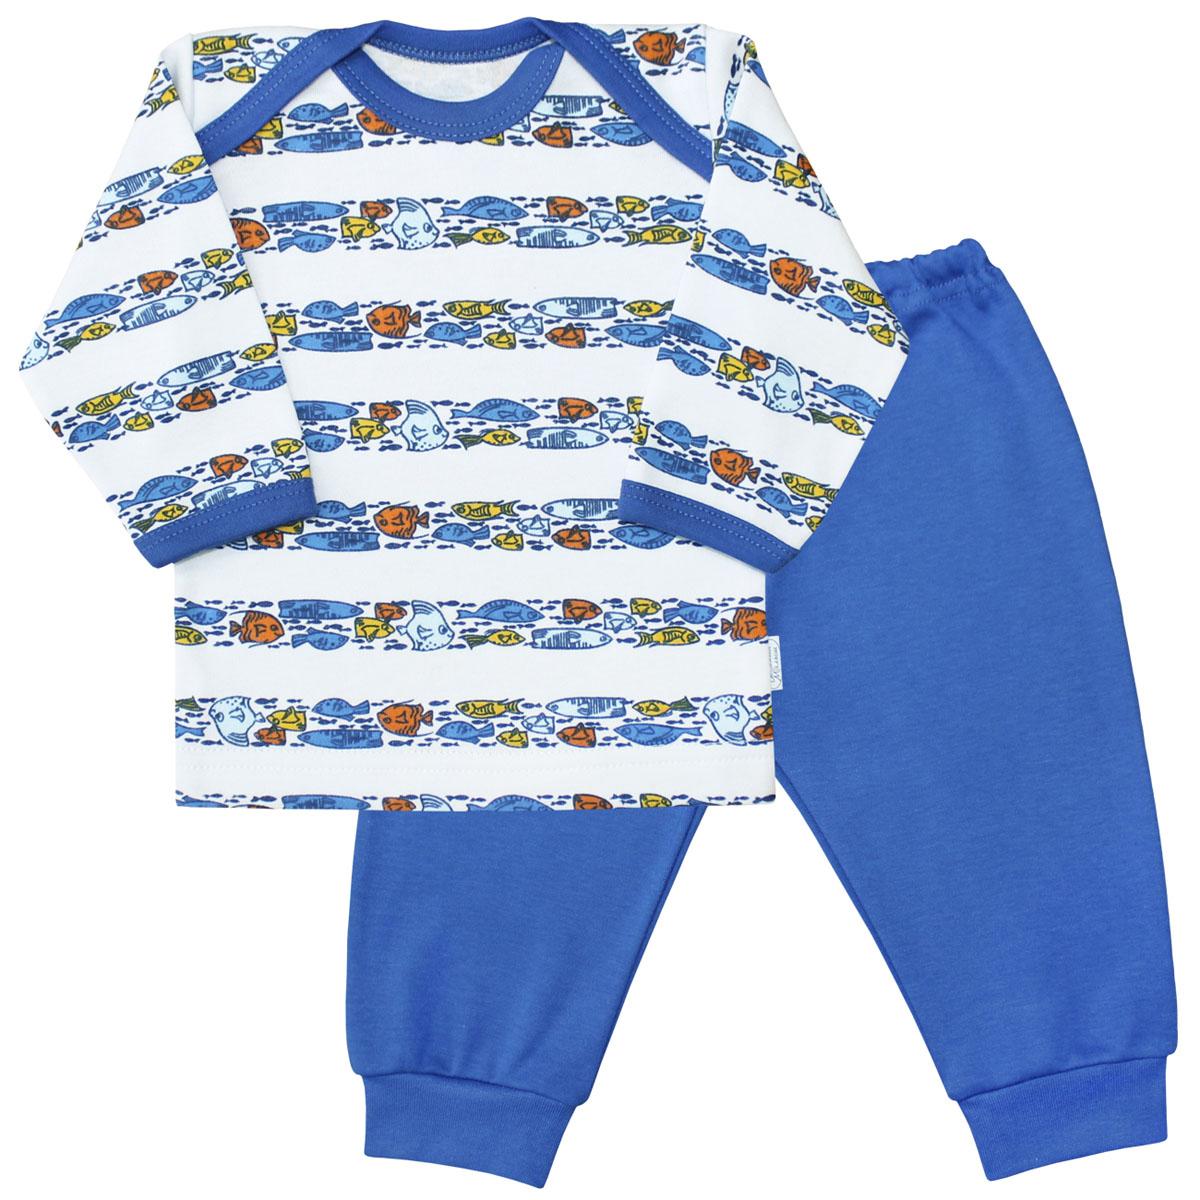 Пижама для мальчика Веселый малыш Морская жизнь, цвет: синий. 623332/мж-C (1). Размер 68623332Пижама для мальчика Веселый малыш выполнена из качественного материала и состоит из лонгслива и брюк. Лонгслив с длинными рукавами и круглым вырезом горловины. Брюки понизу дополнены манжетами.